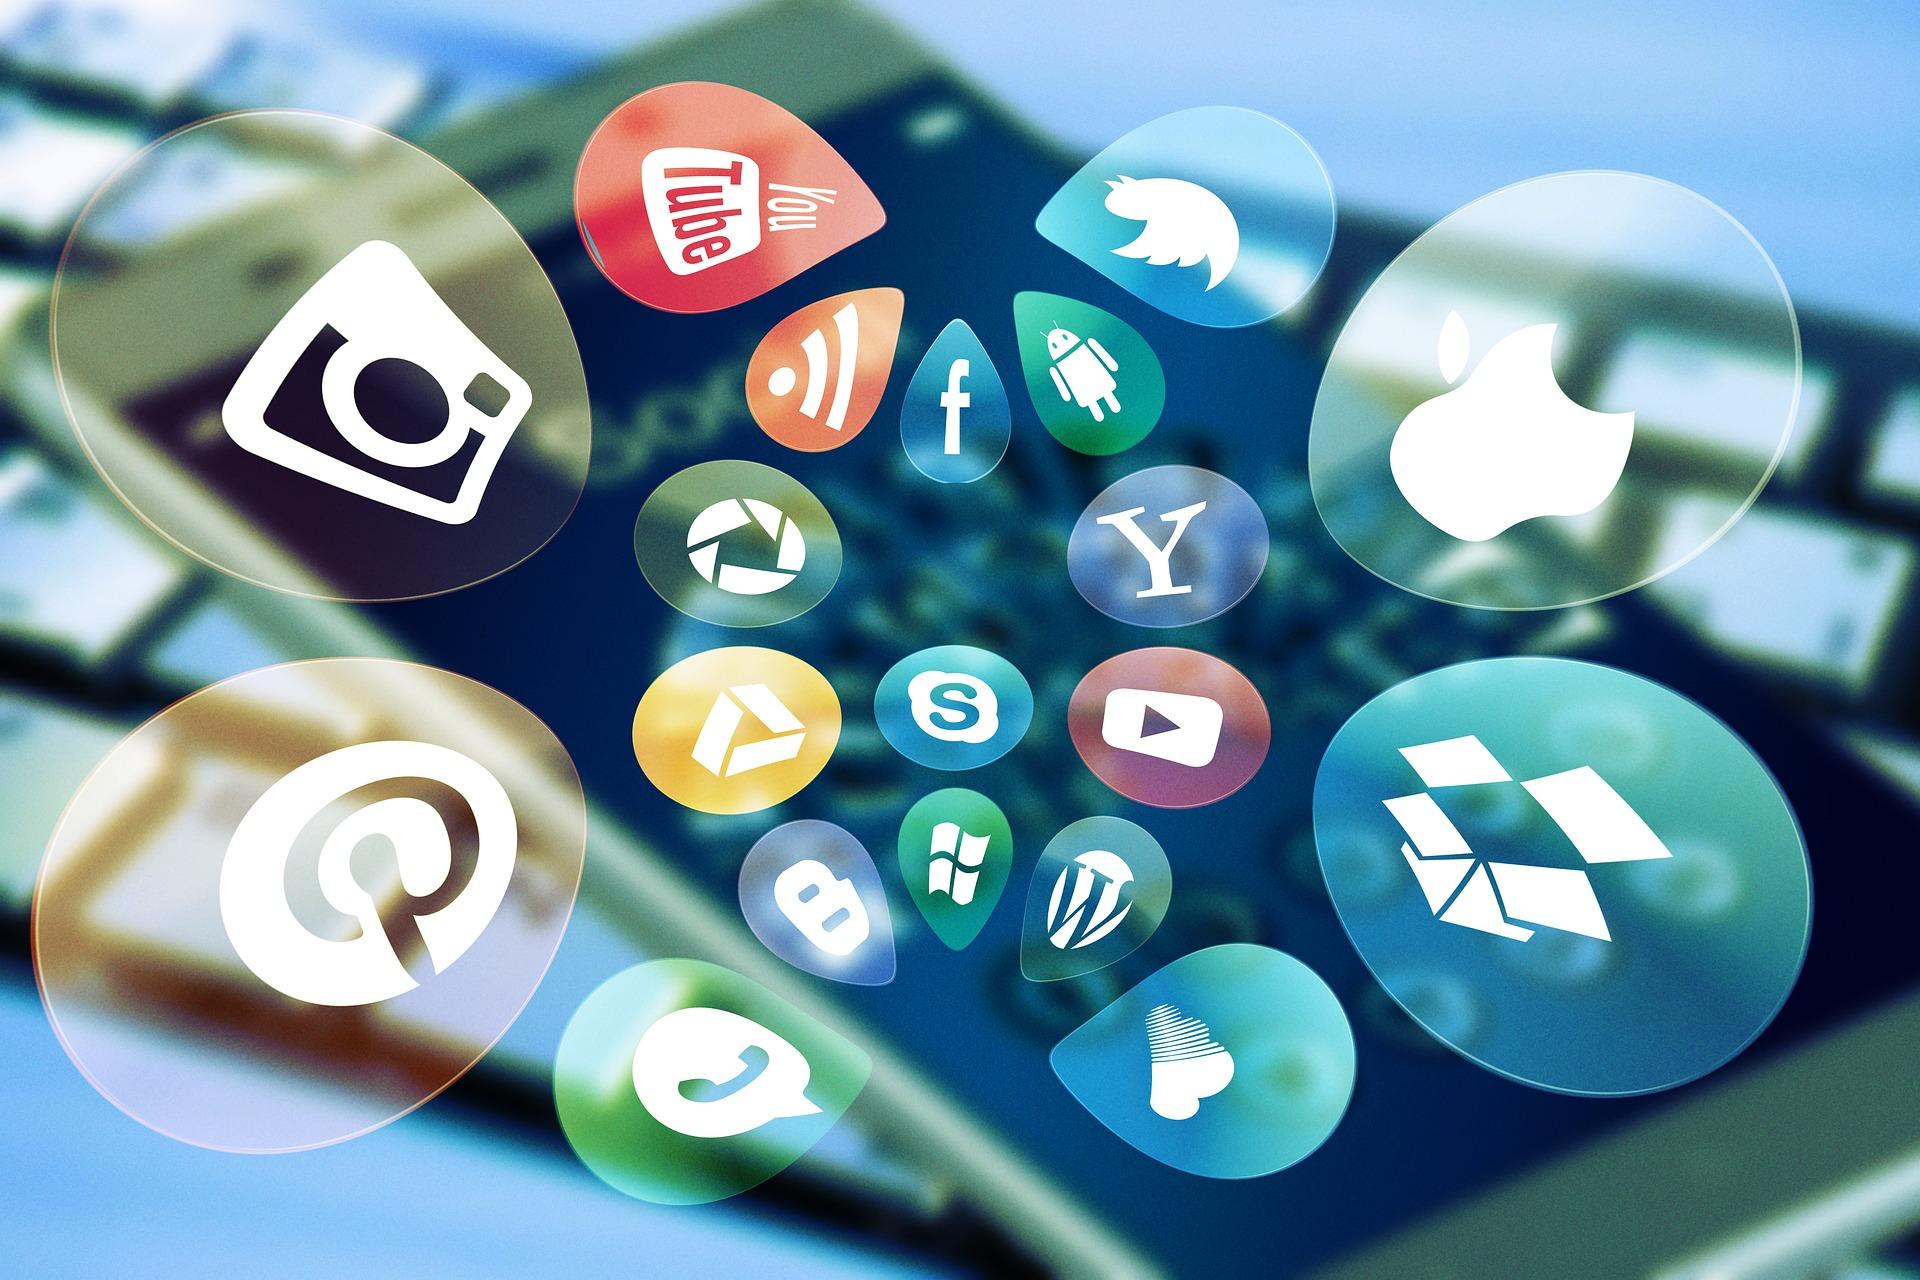 Digital Assets – Social Media